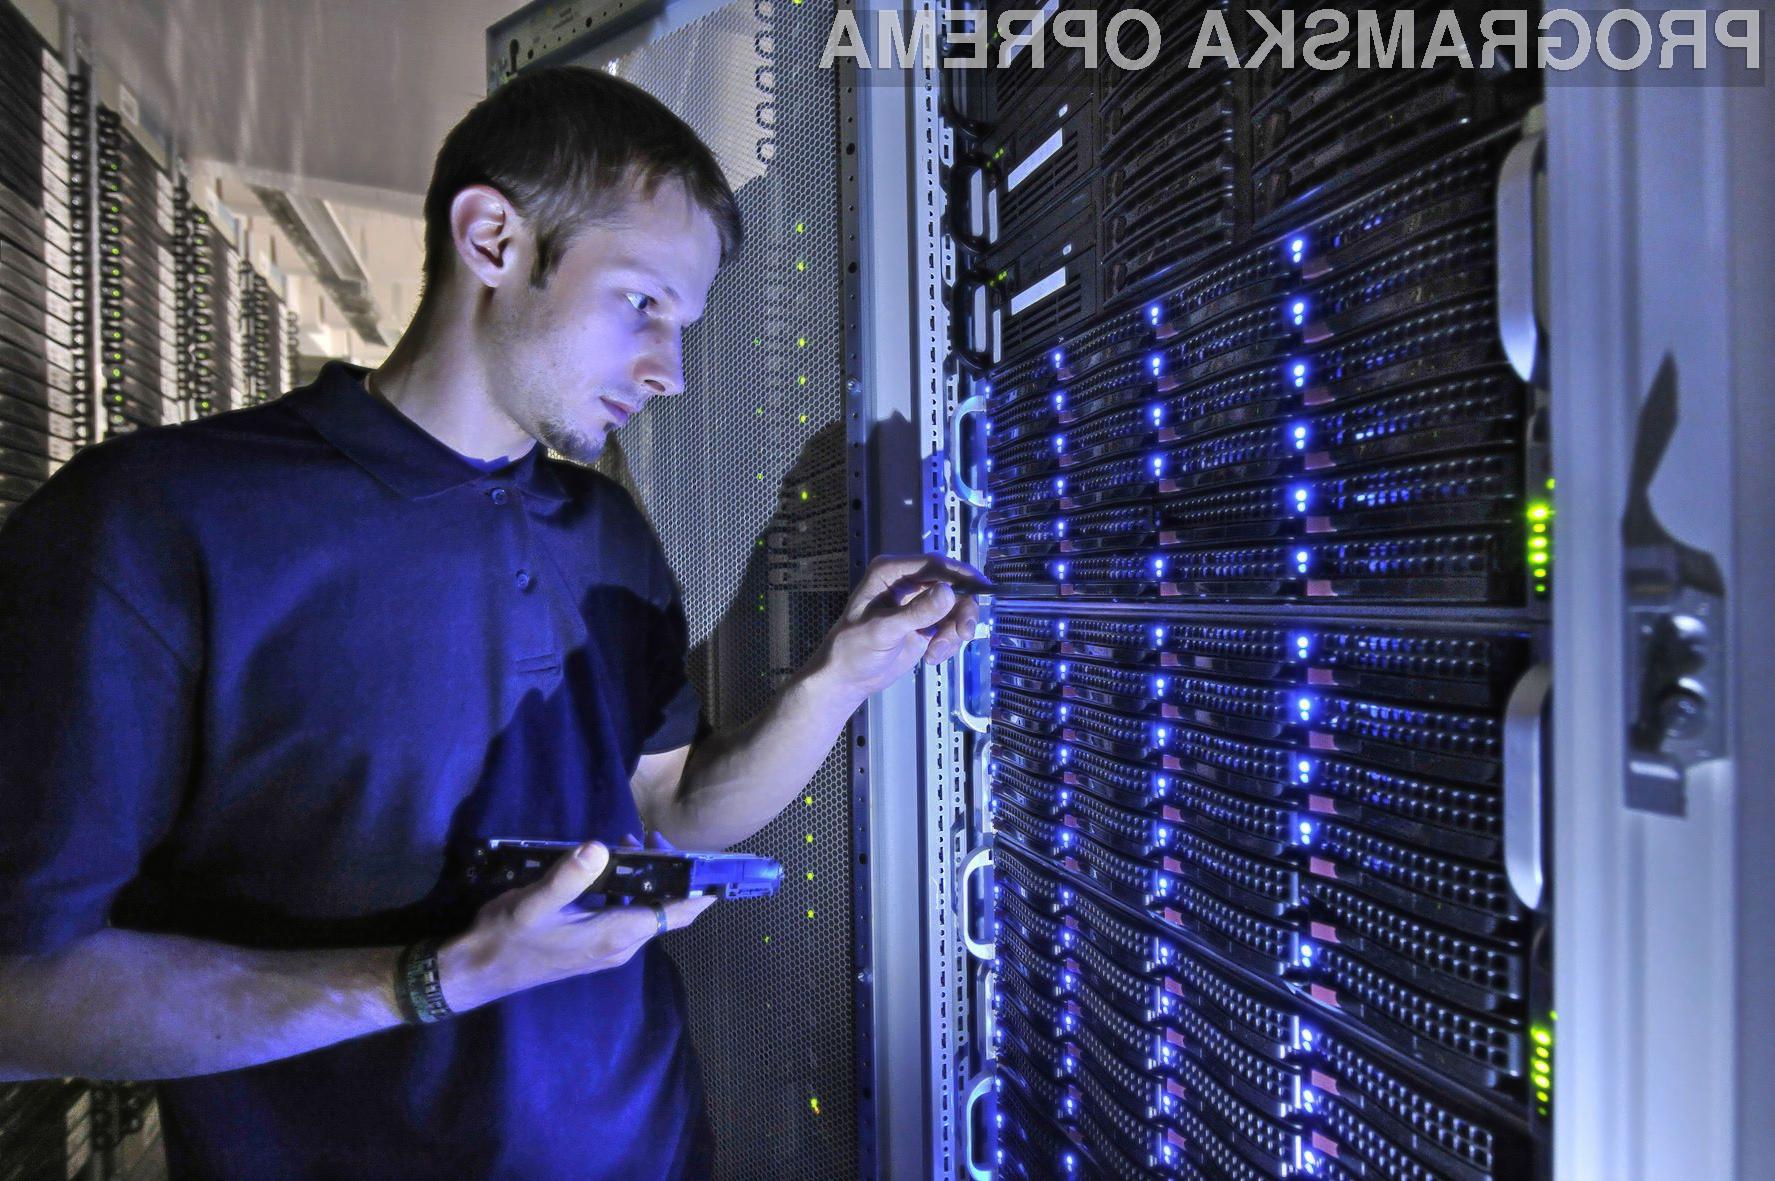 Povpraševanje po storitvah podatkovnih centrov bo v naslednjih petih letih v Evropi ustvarilo 341.000 novih delovnih mest.